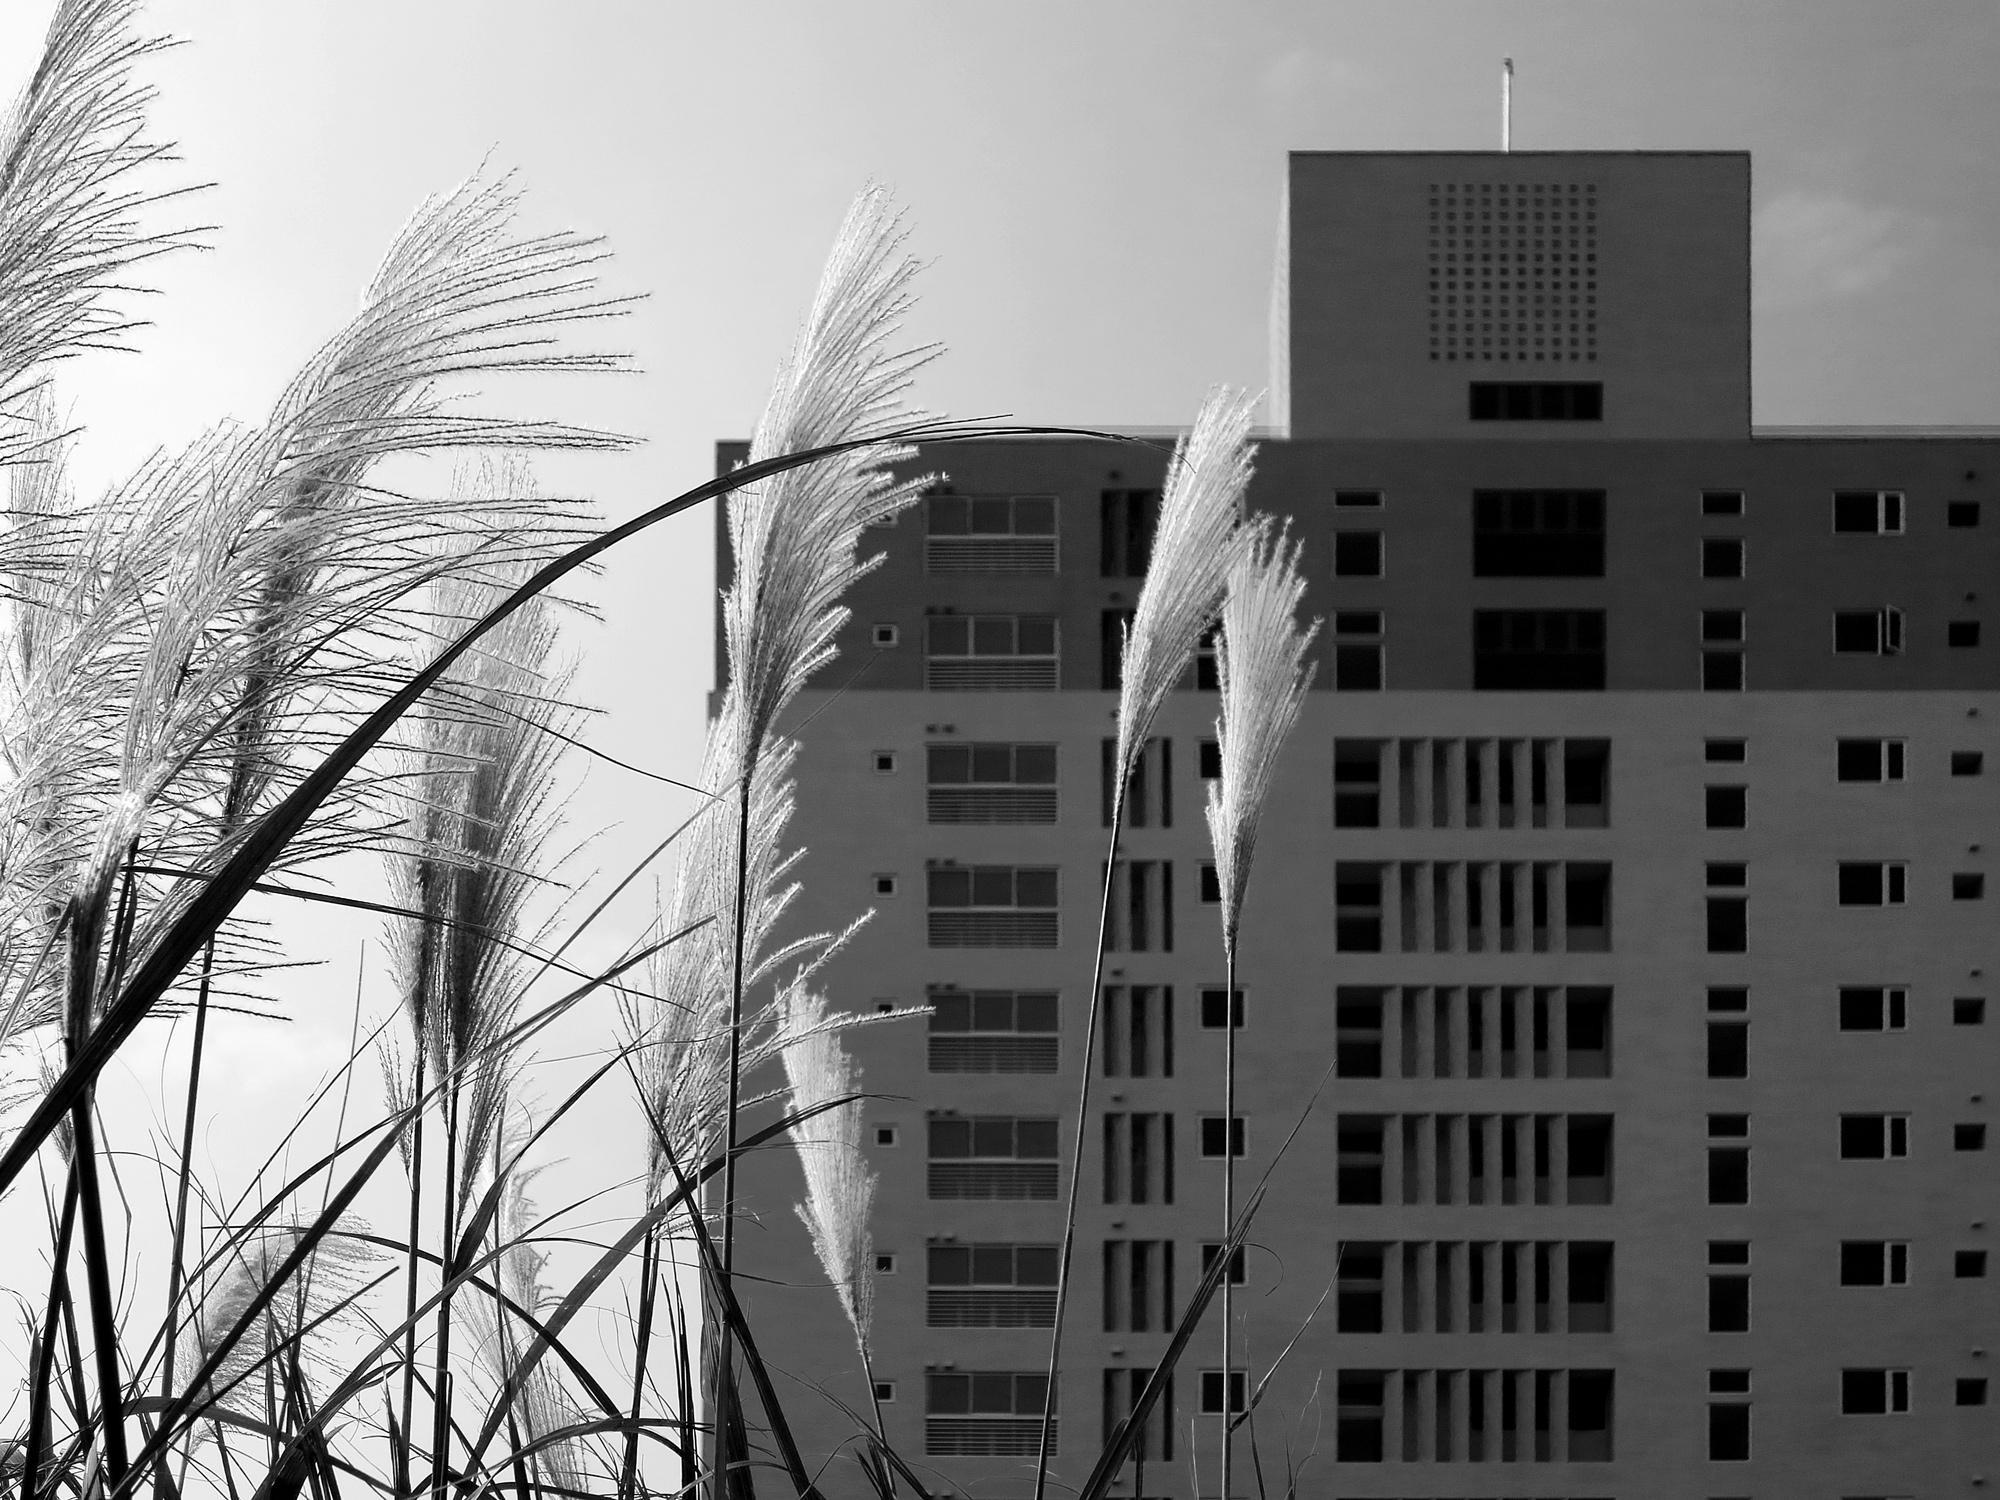 竹北原見築大樓外觀空拍